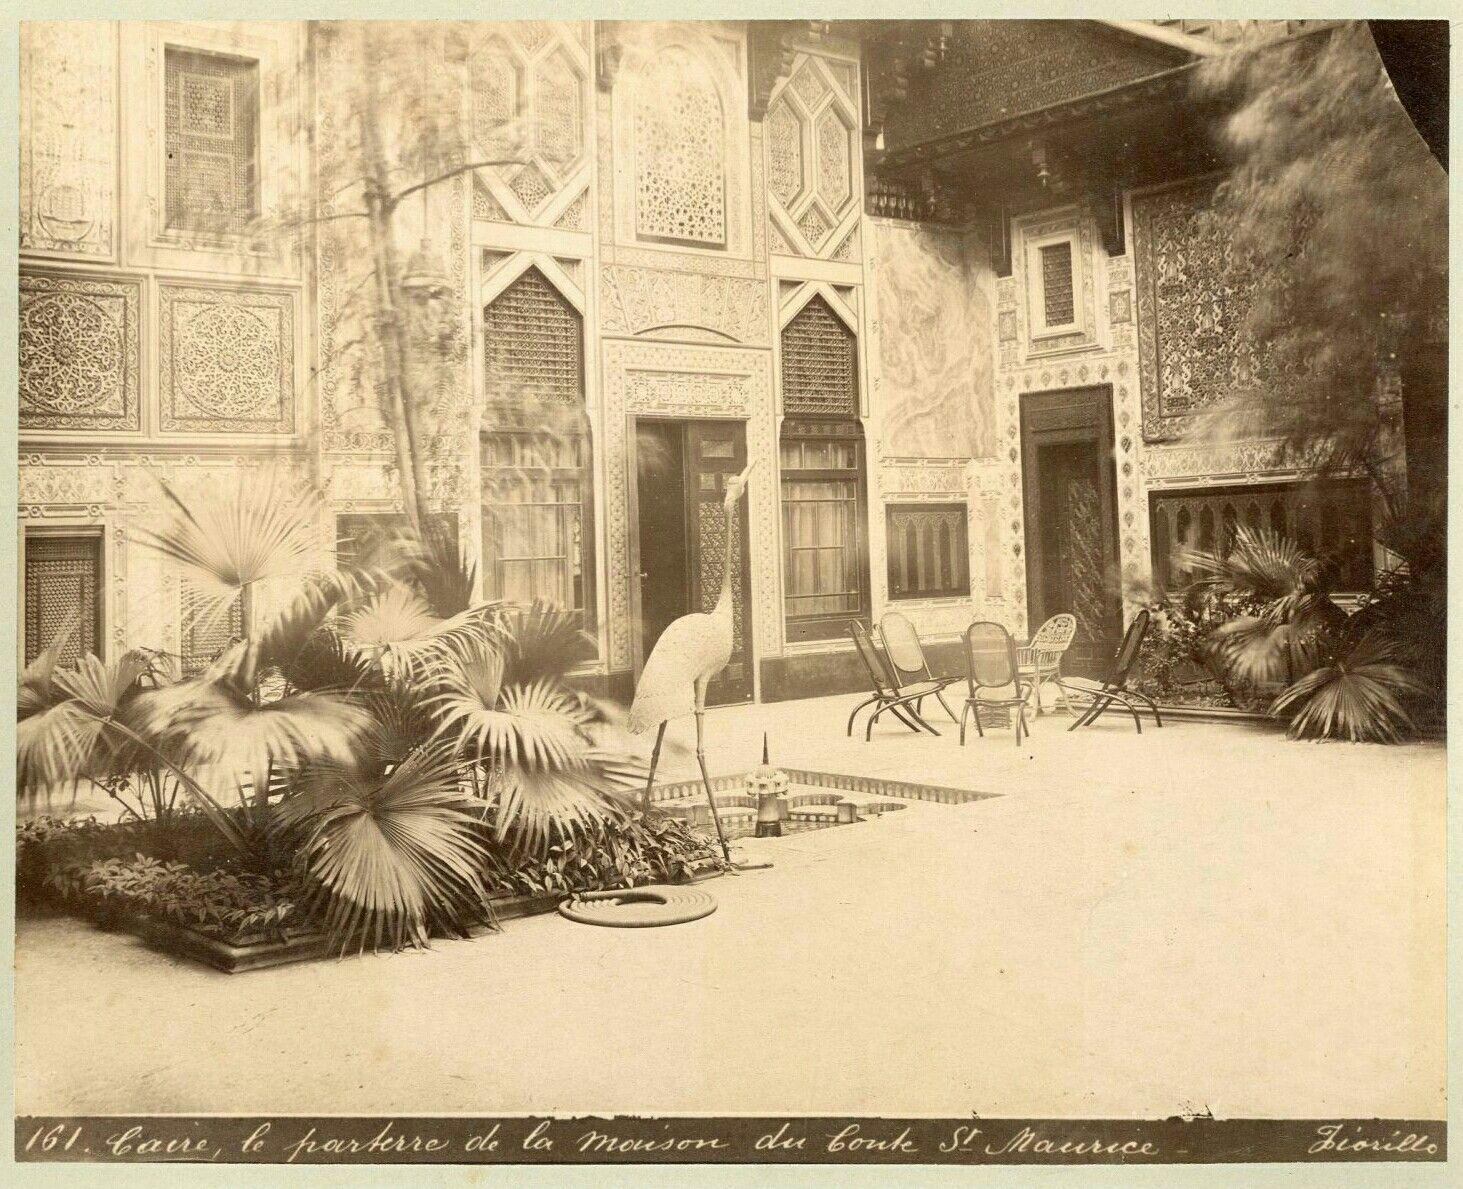 Caire Le Parterre De La Maison Du St Maurice Vintage Albume Egypte Fiorillo Oriental Art Painting Art